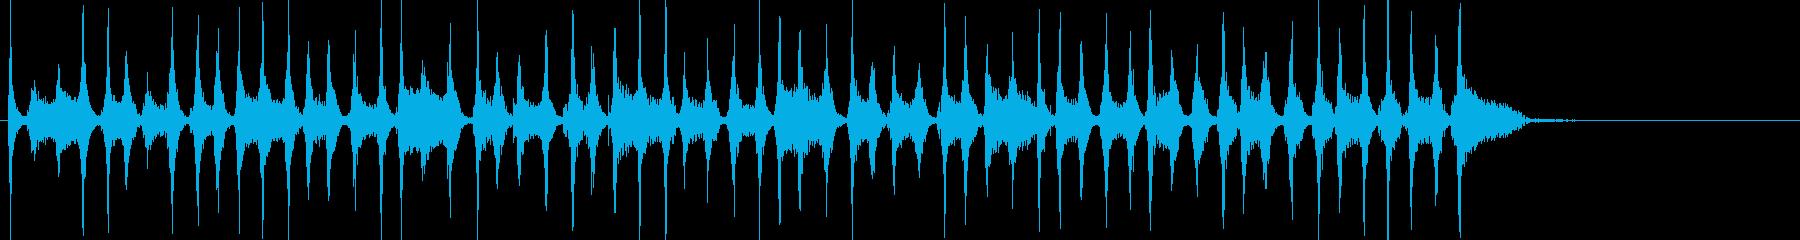 サンバホイッスル ピ~~~~!Ver.2の再生済みの波形